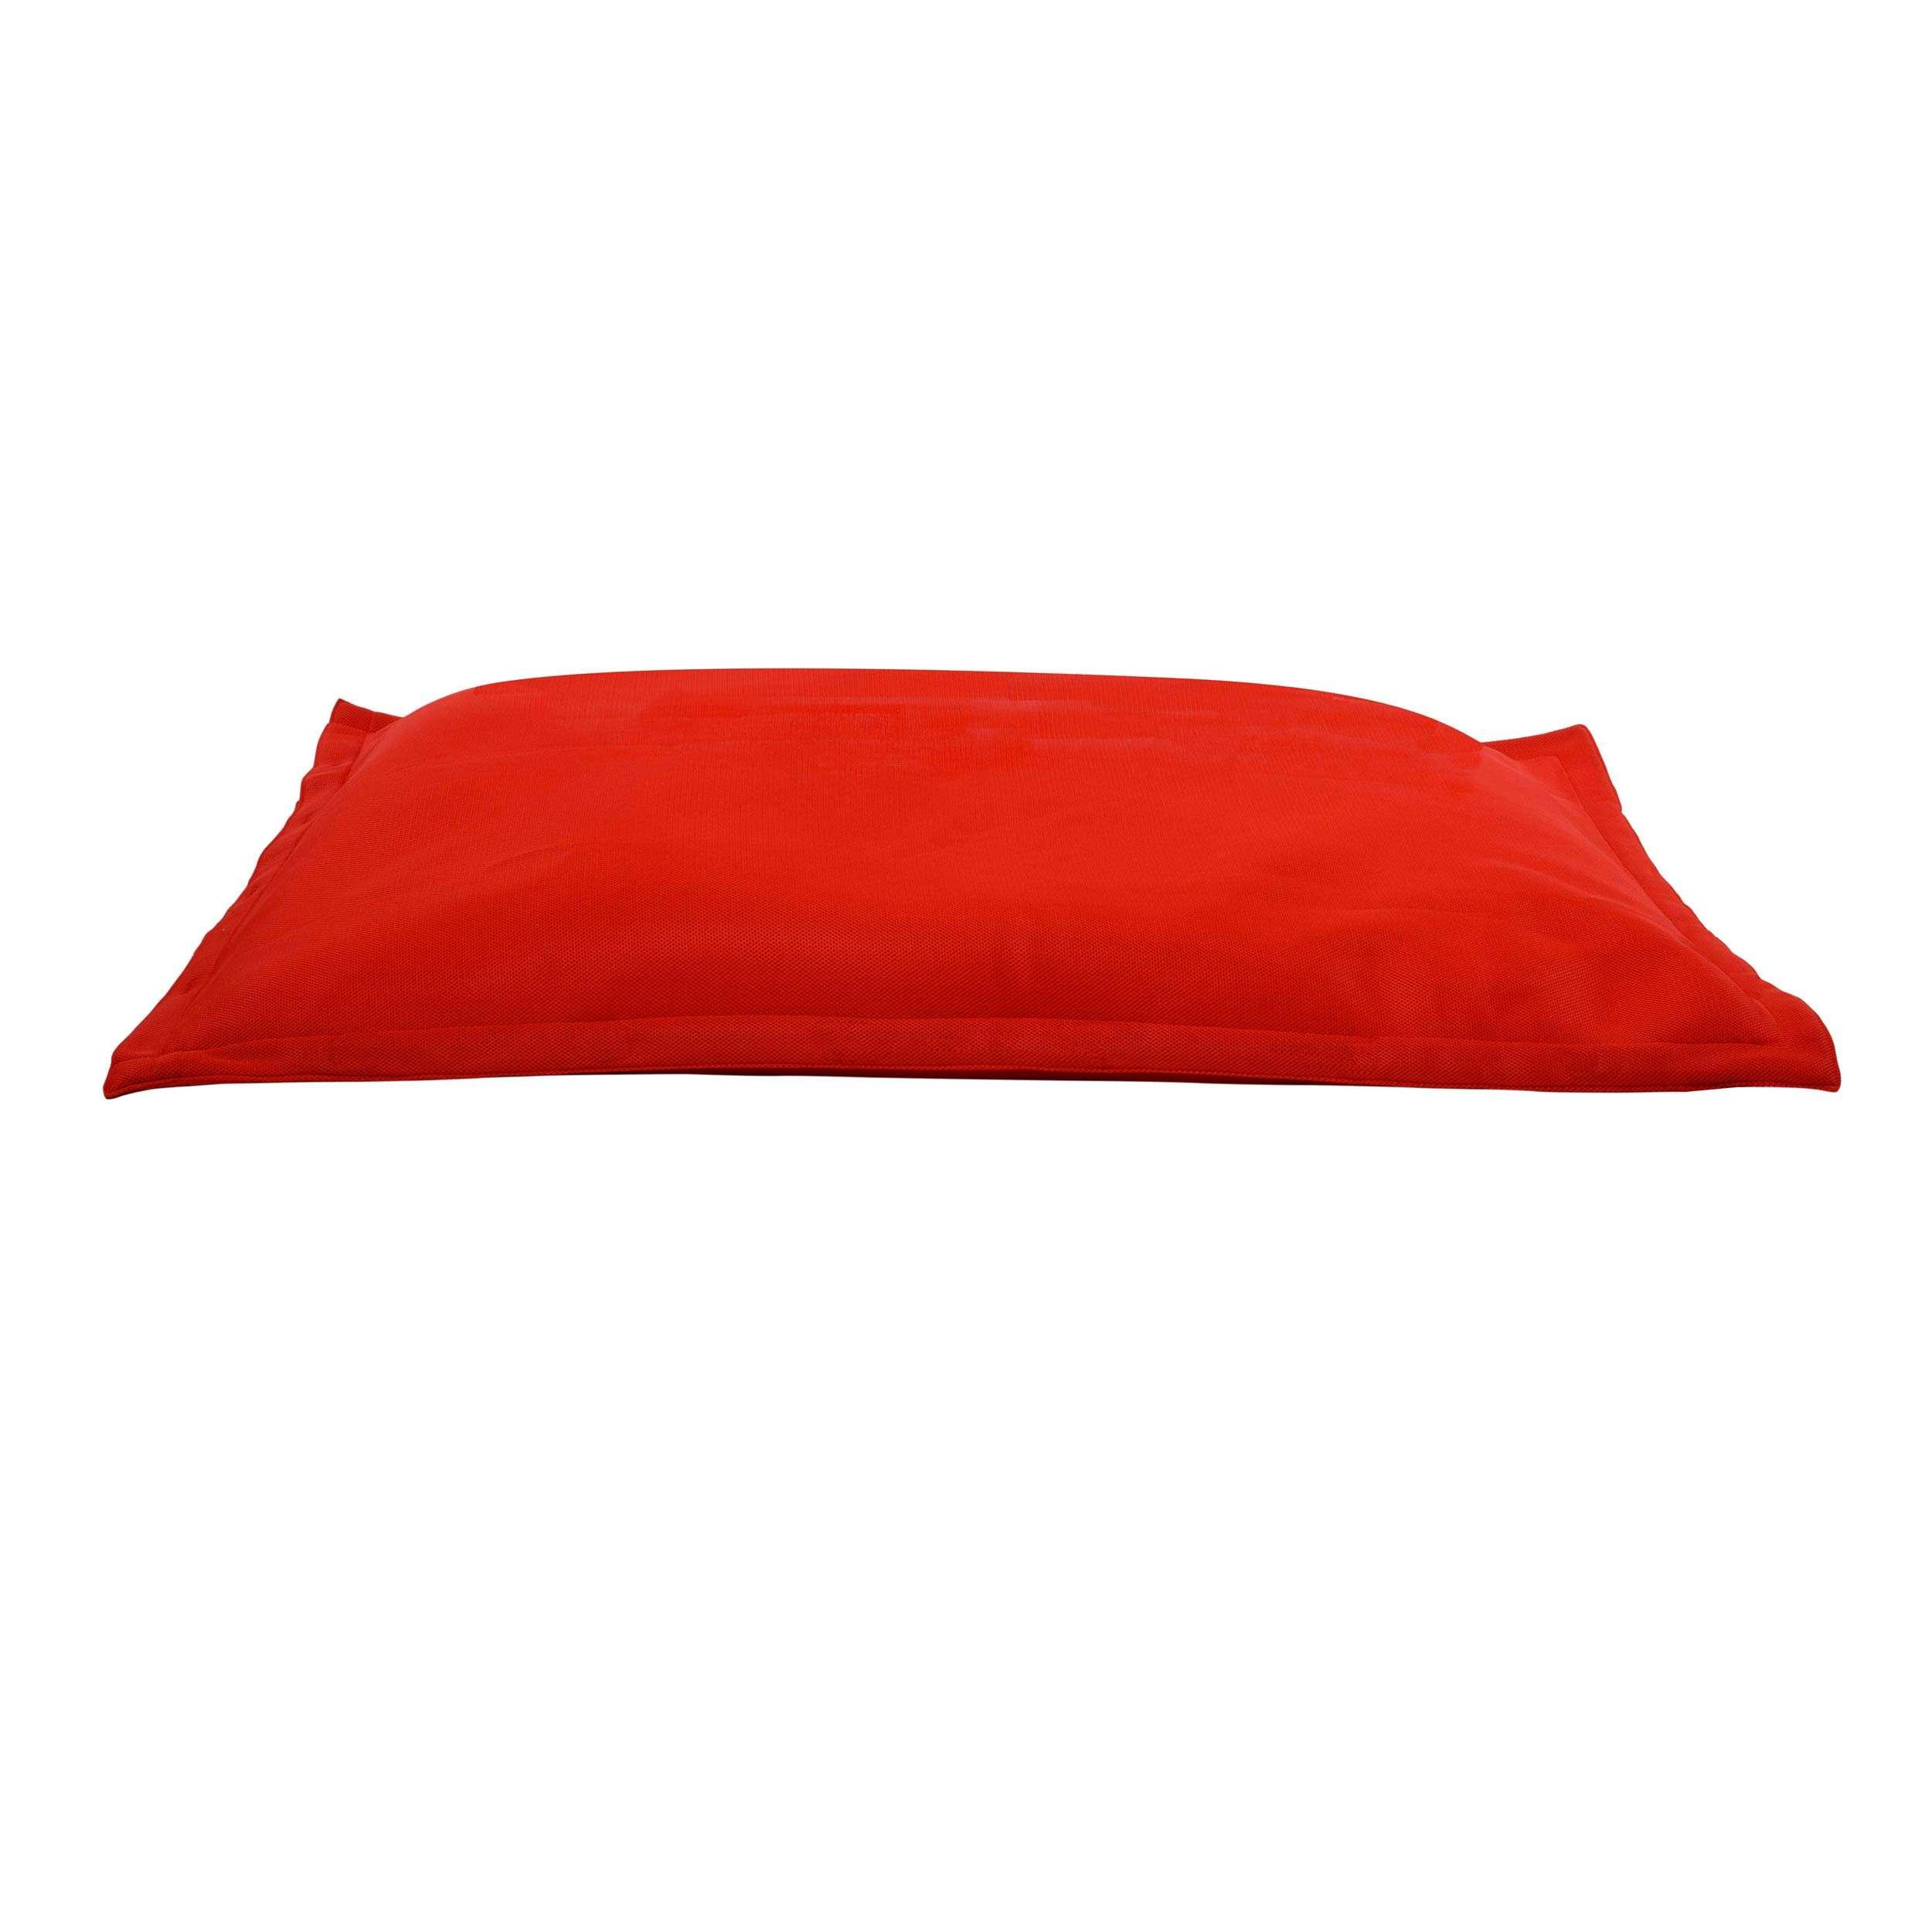 Coussin De Piscine Big Bag 175 Cm pour Piscine Encastrable